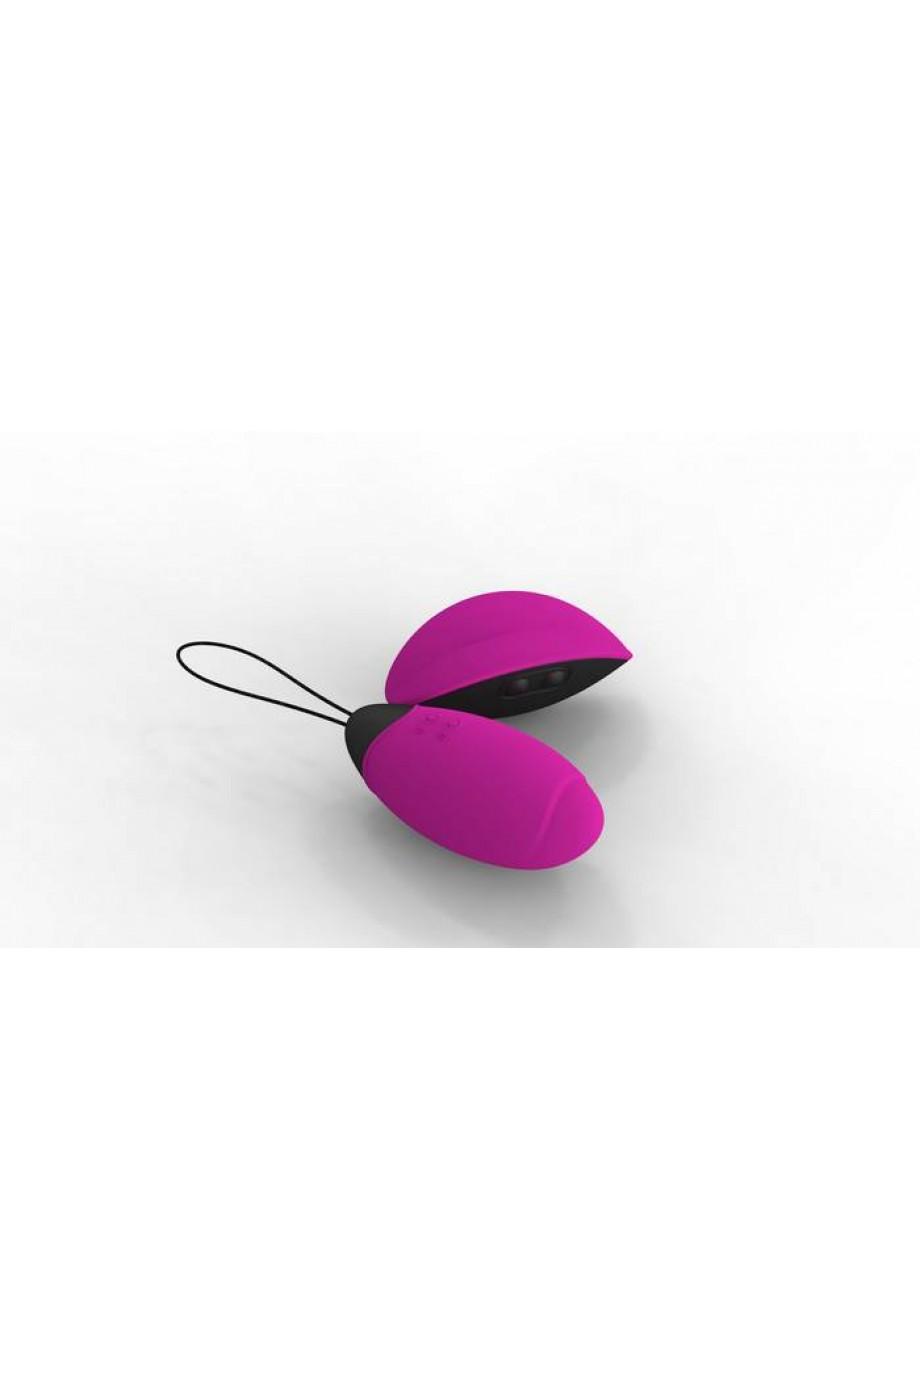 Виброяйцо Lilian розовое с дист. управлением 5 см